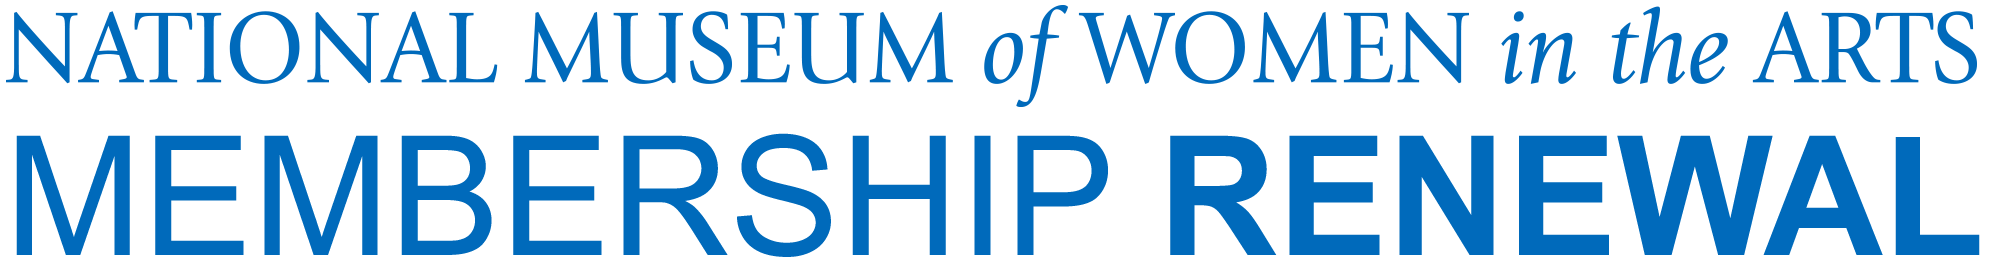 National Museum of Women in the Arts: Memebership Renewal